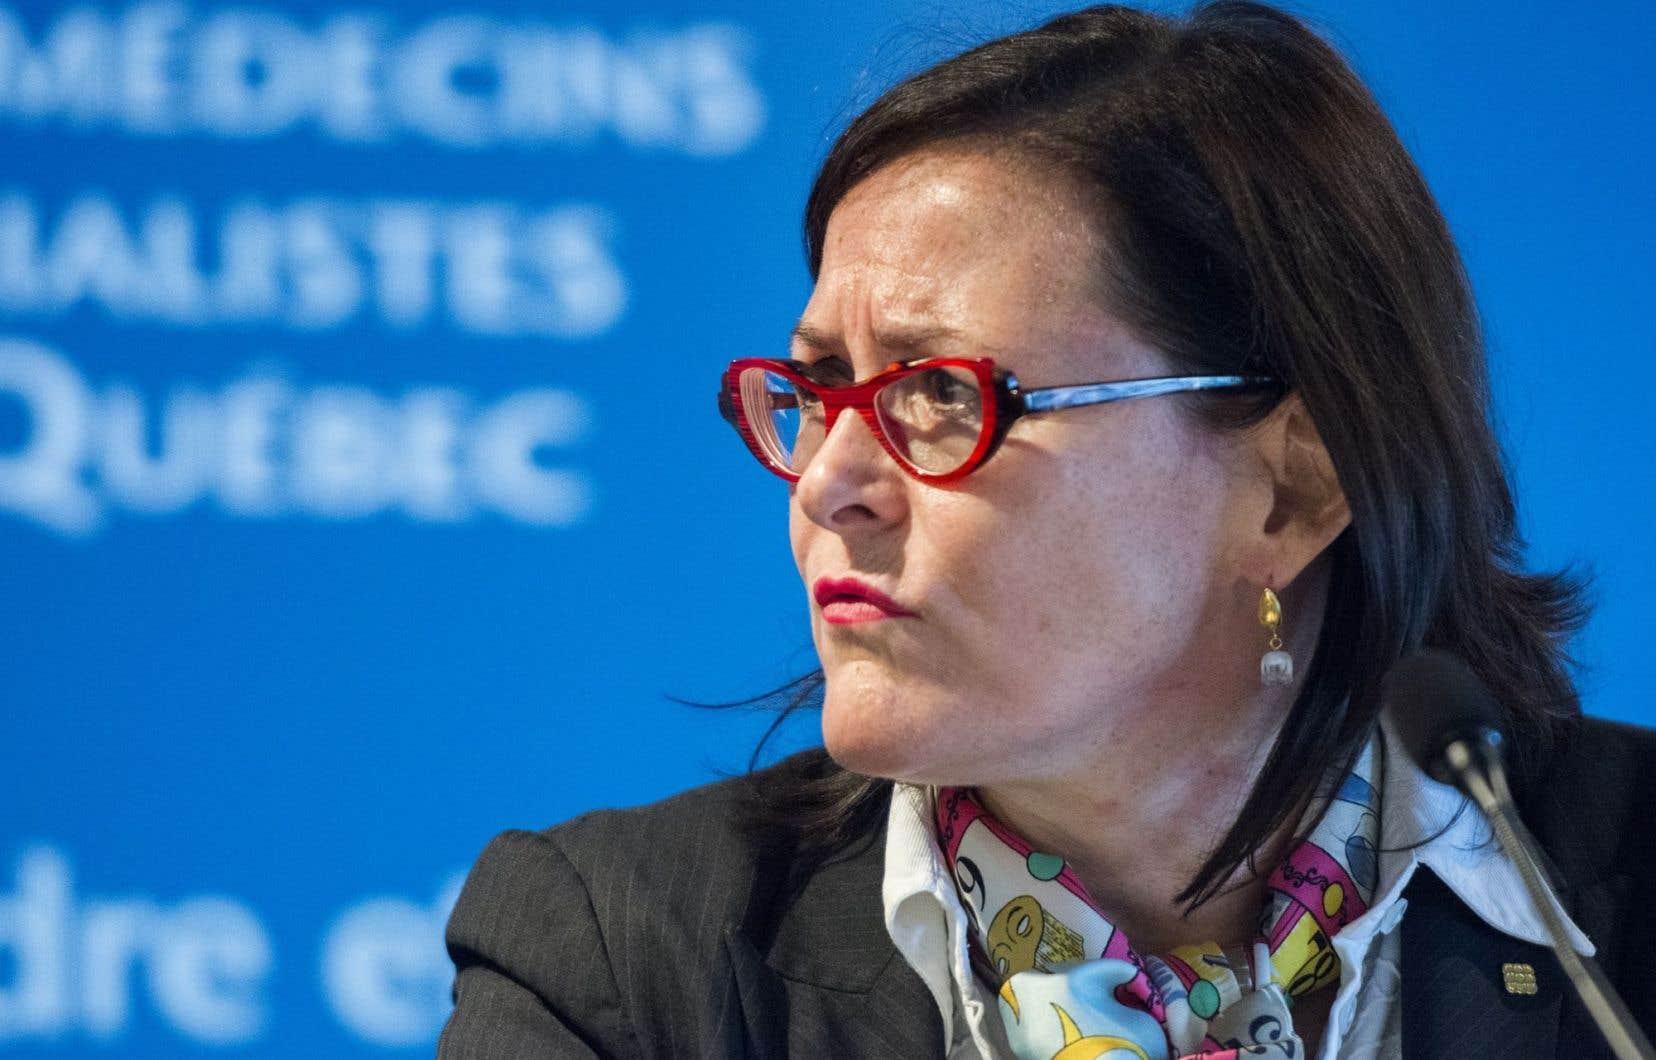 «Contrairement au ministre Barrette, la FMSQ, elle, n'a pas changé d'opinion», a lancé d'entrée de jeu mardi Diane Francoeur lors de la présentation sur le projet de loi 20.